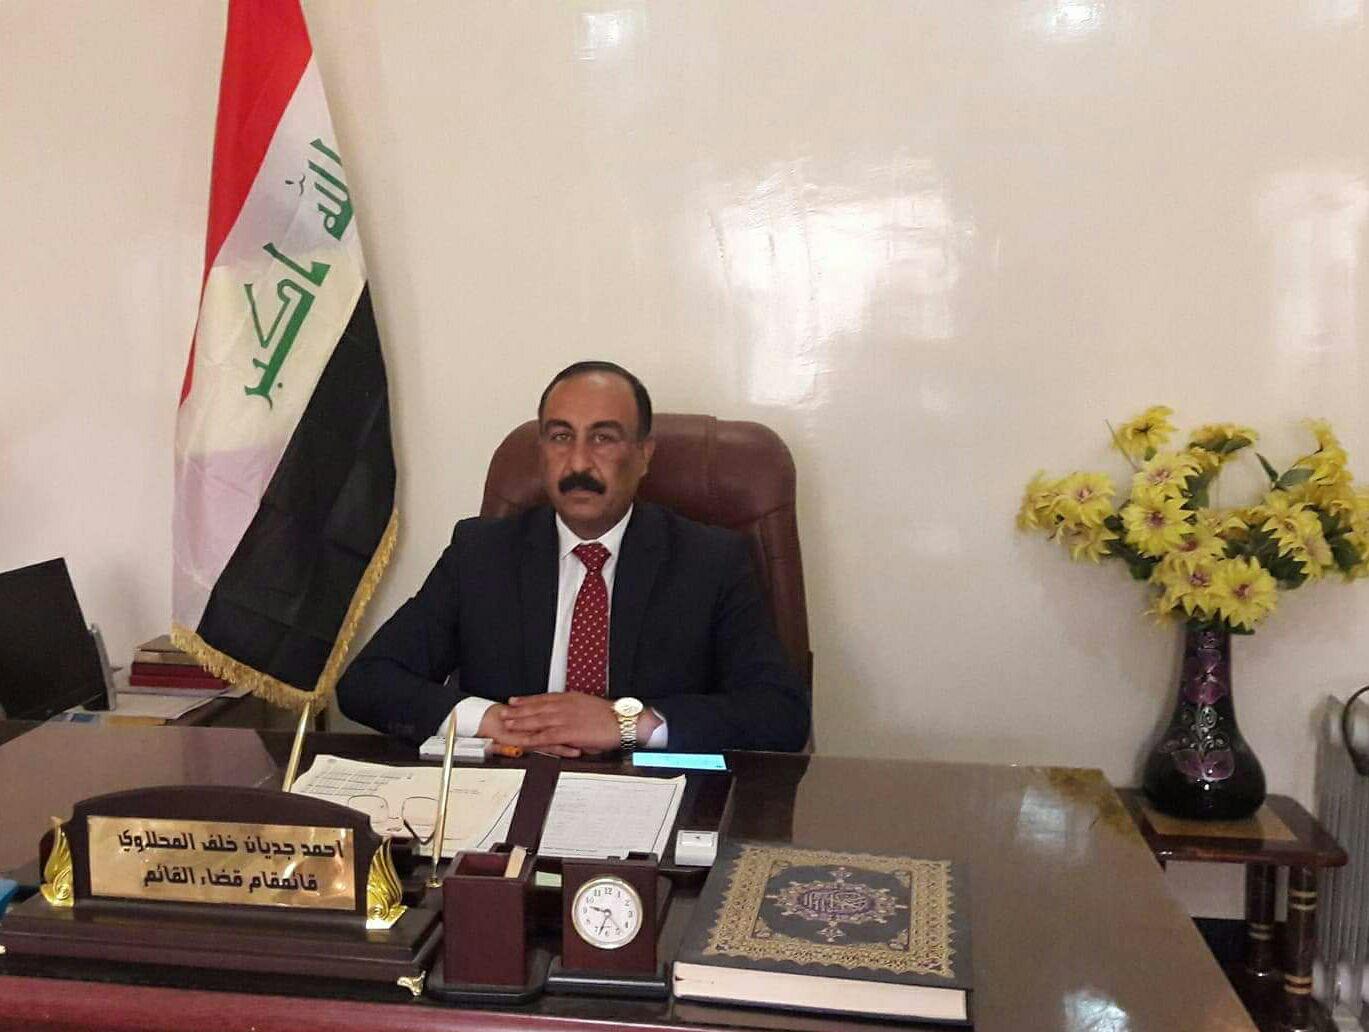 قائممقام القائم يطالب بطرد عوائل داعش من القضاء